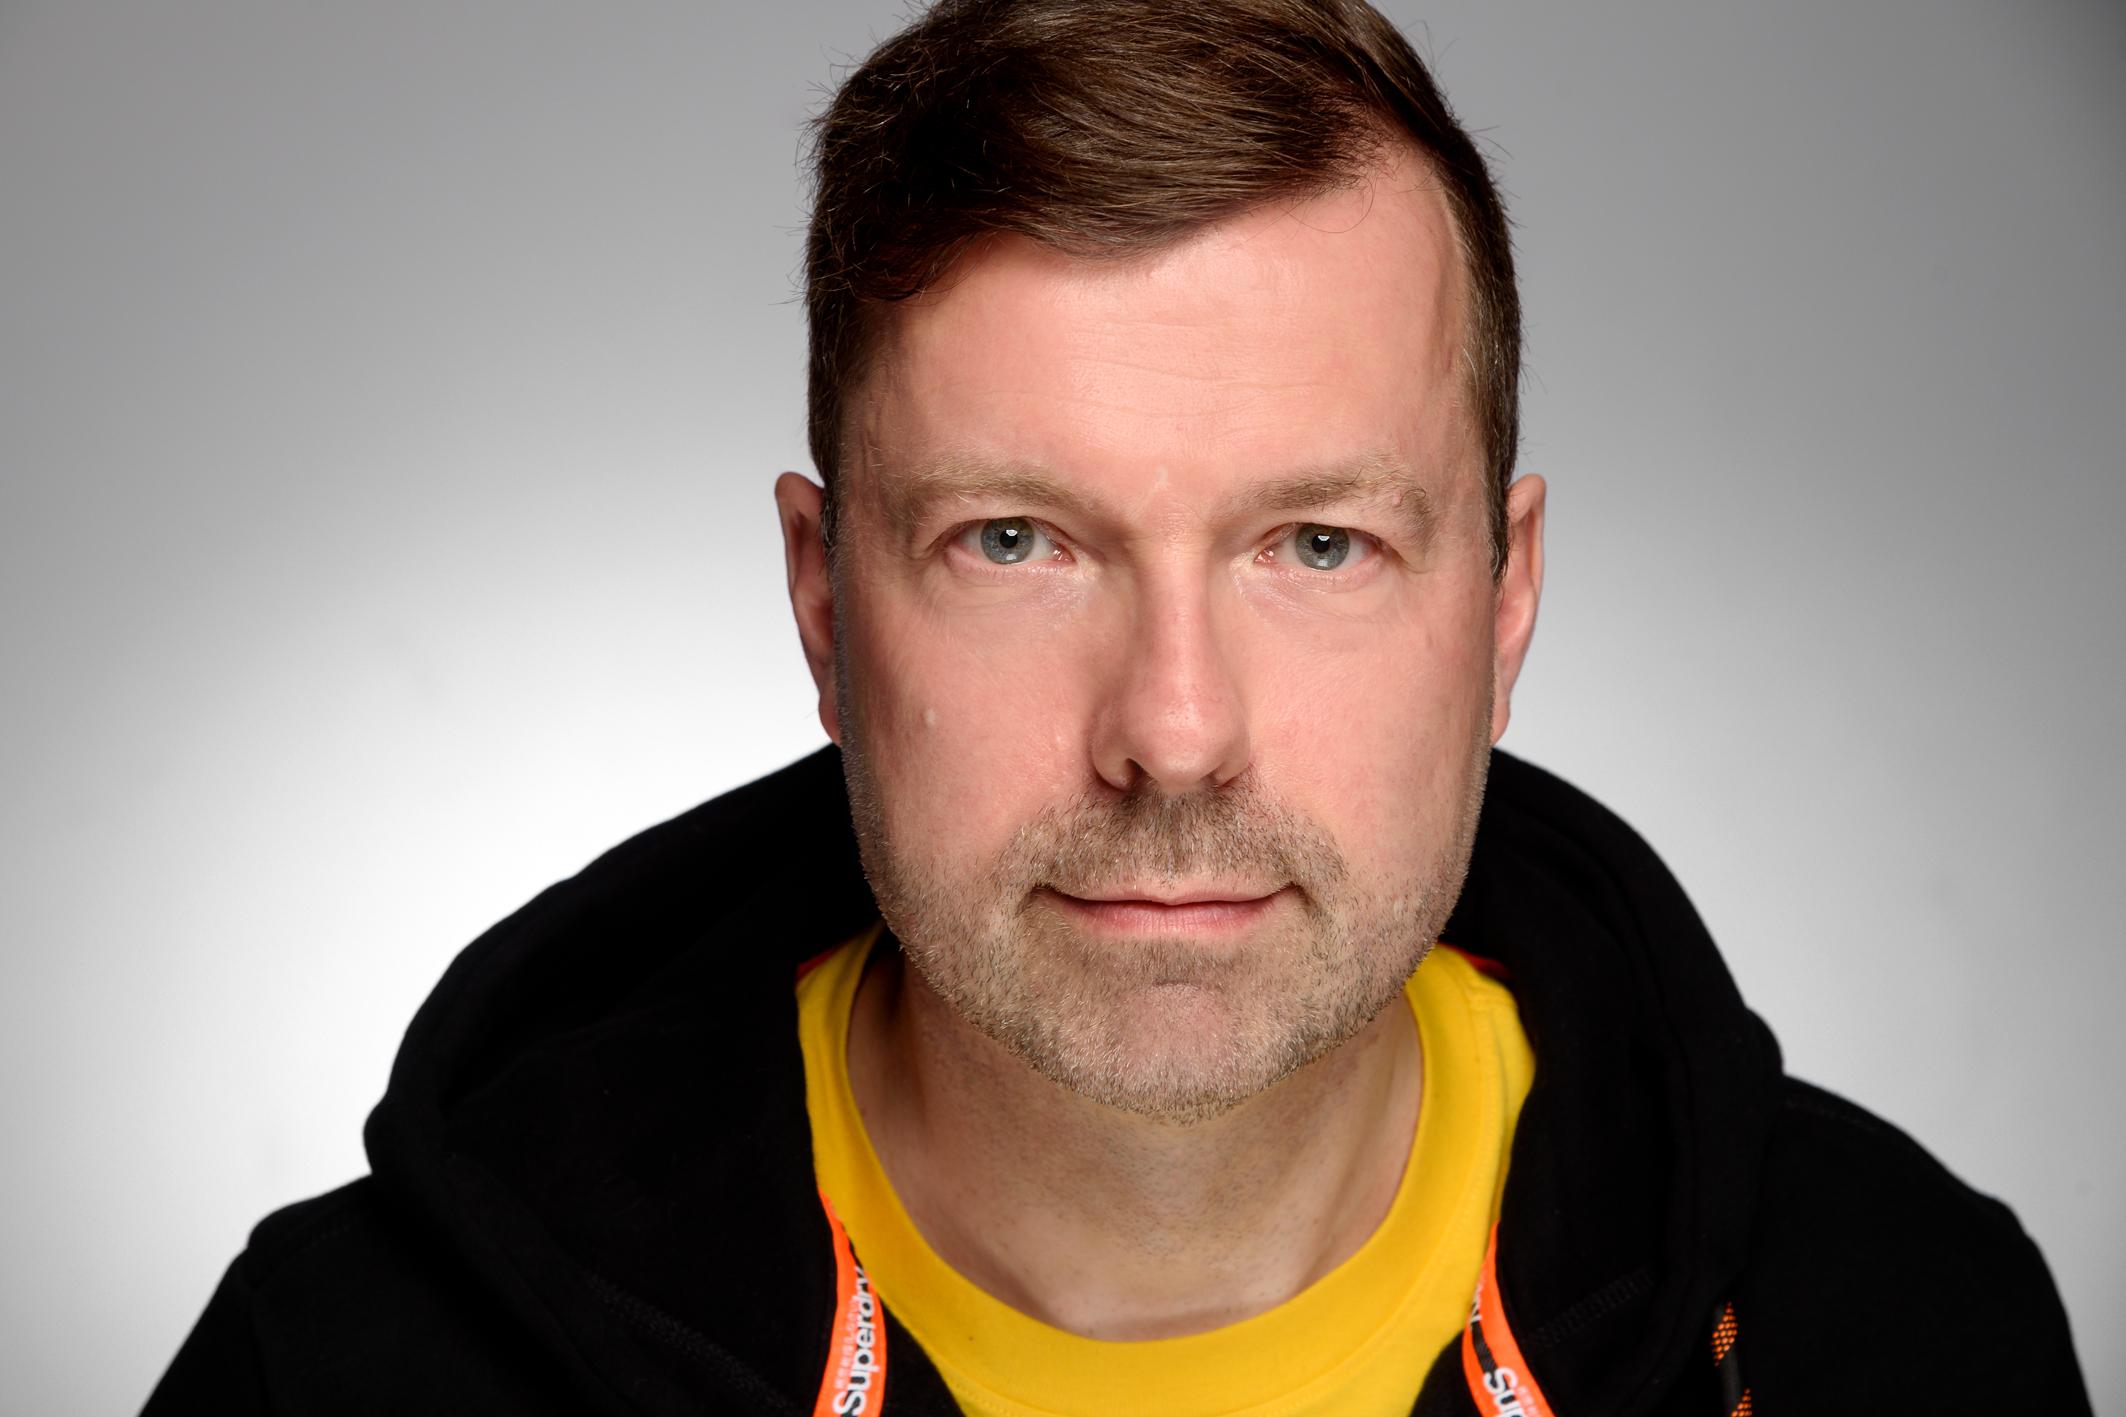 Avatar of David Damberg